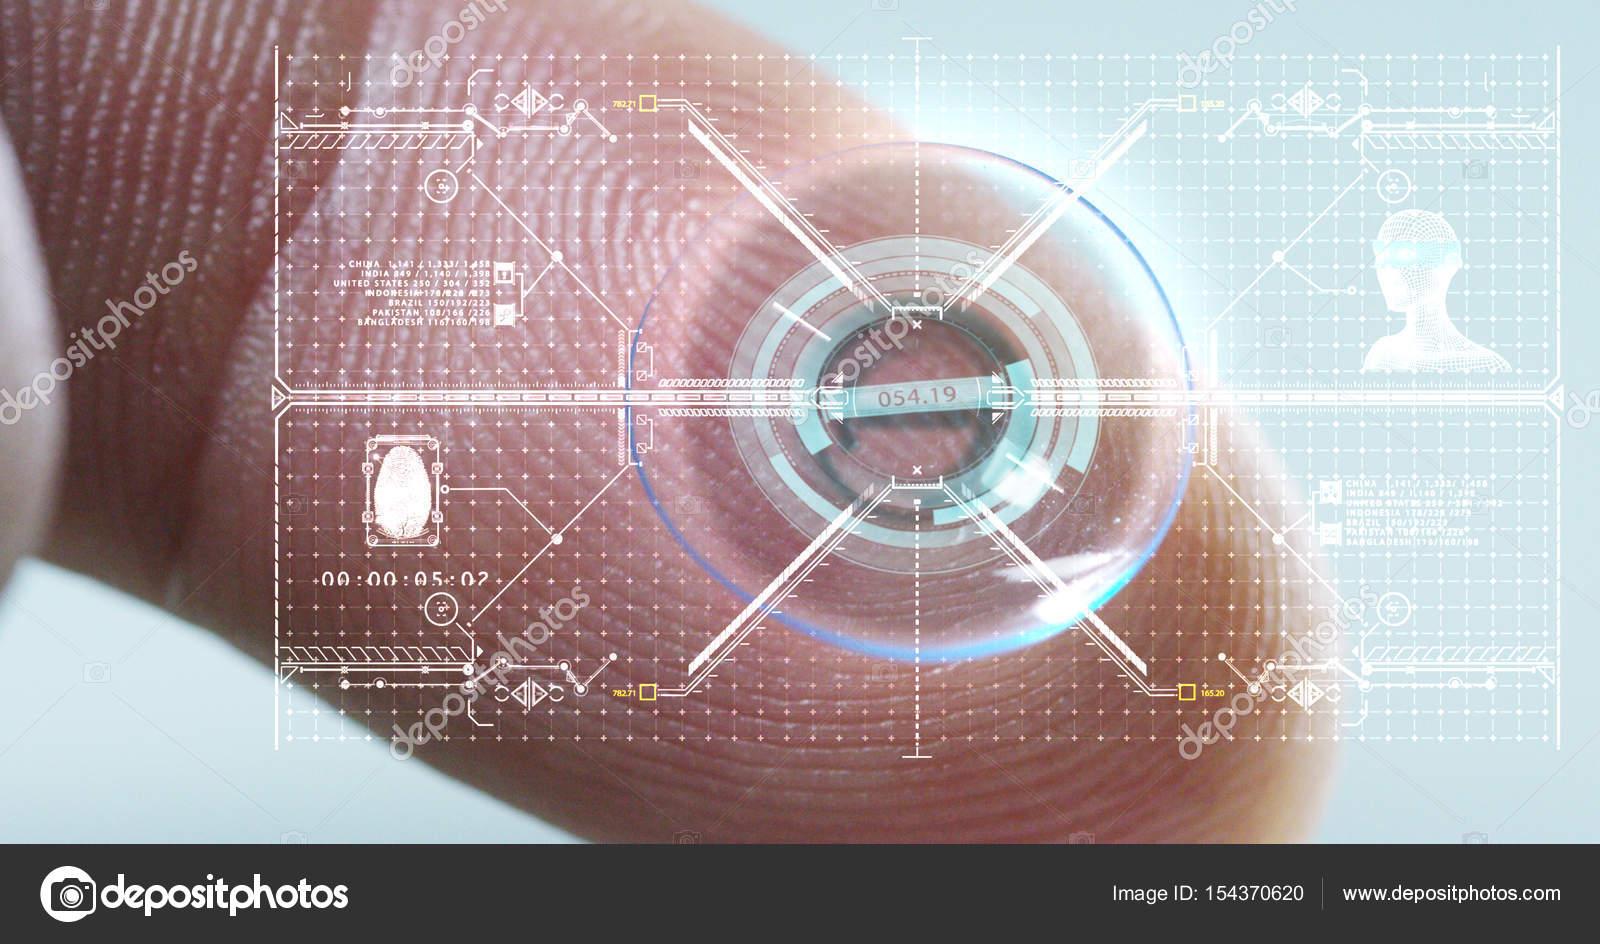 a8294b5f7 Tiro de macro de um dedo segurando uma tecnologia de lente de contato com  um chip para ver melhor em ambos os olhos e aumento dioptrias.